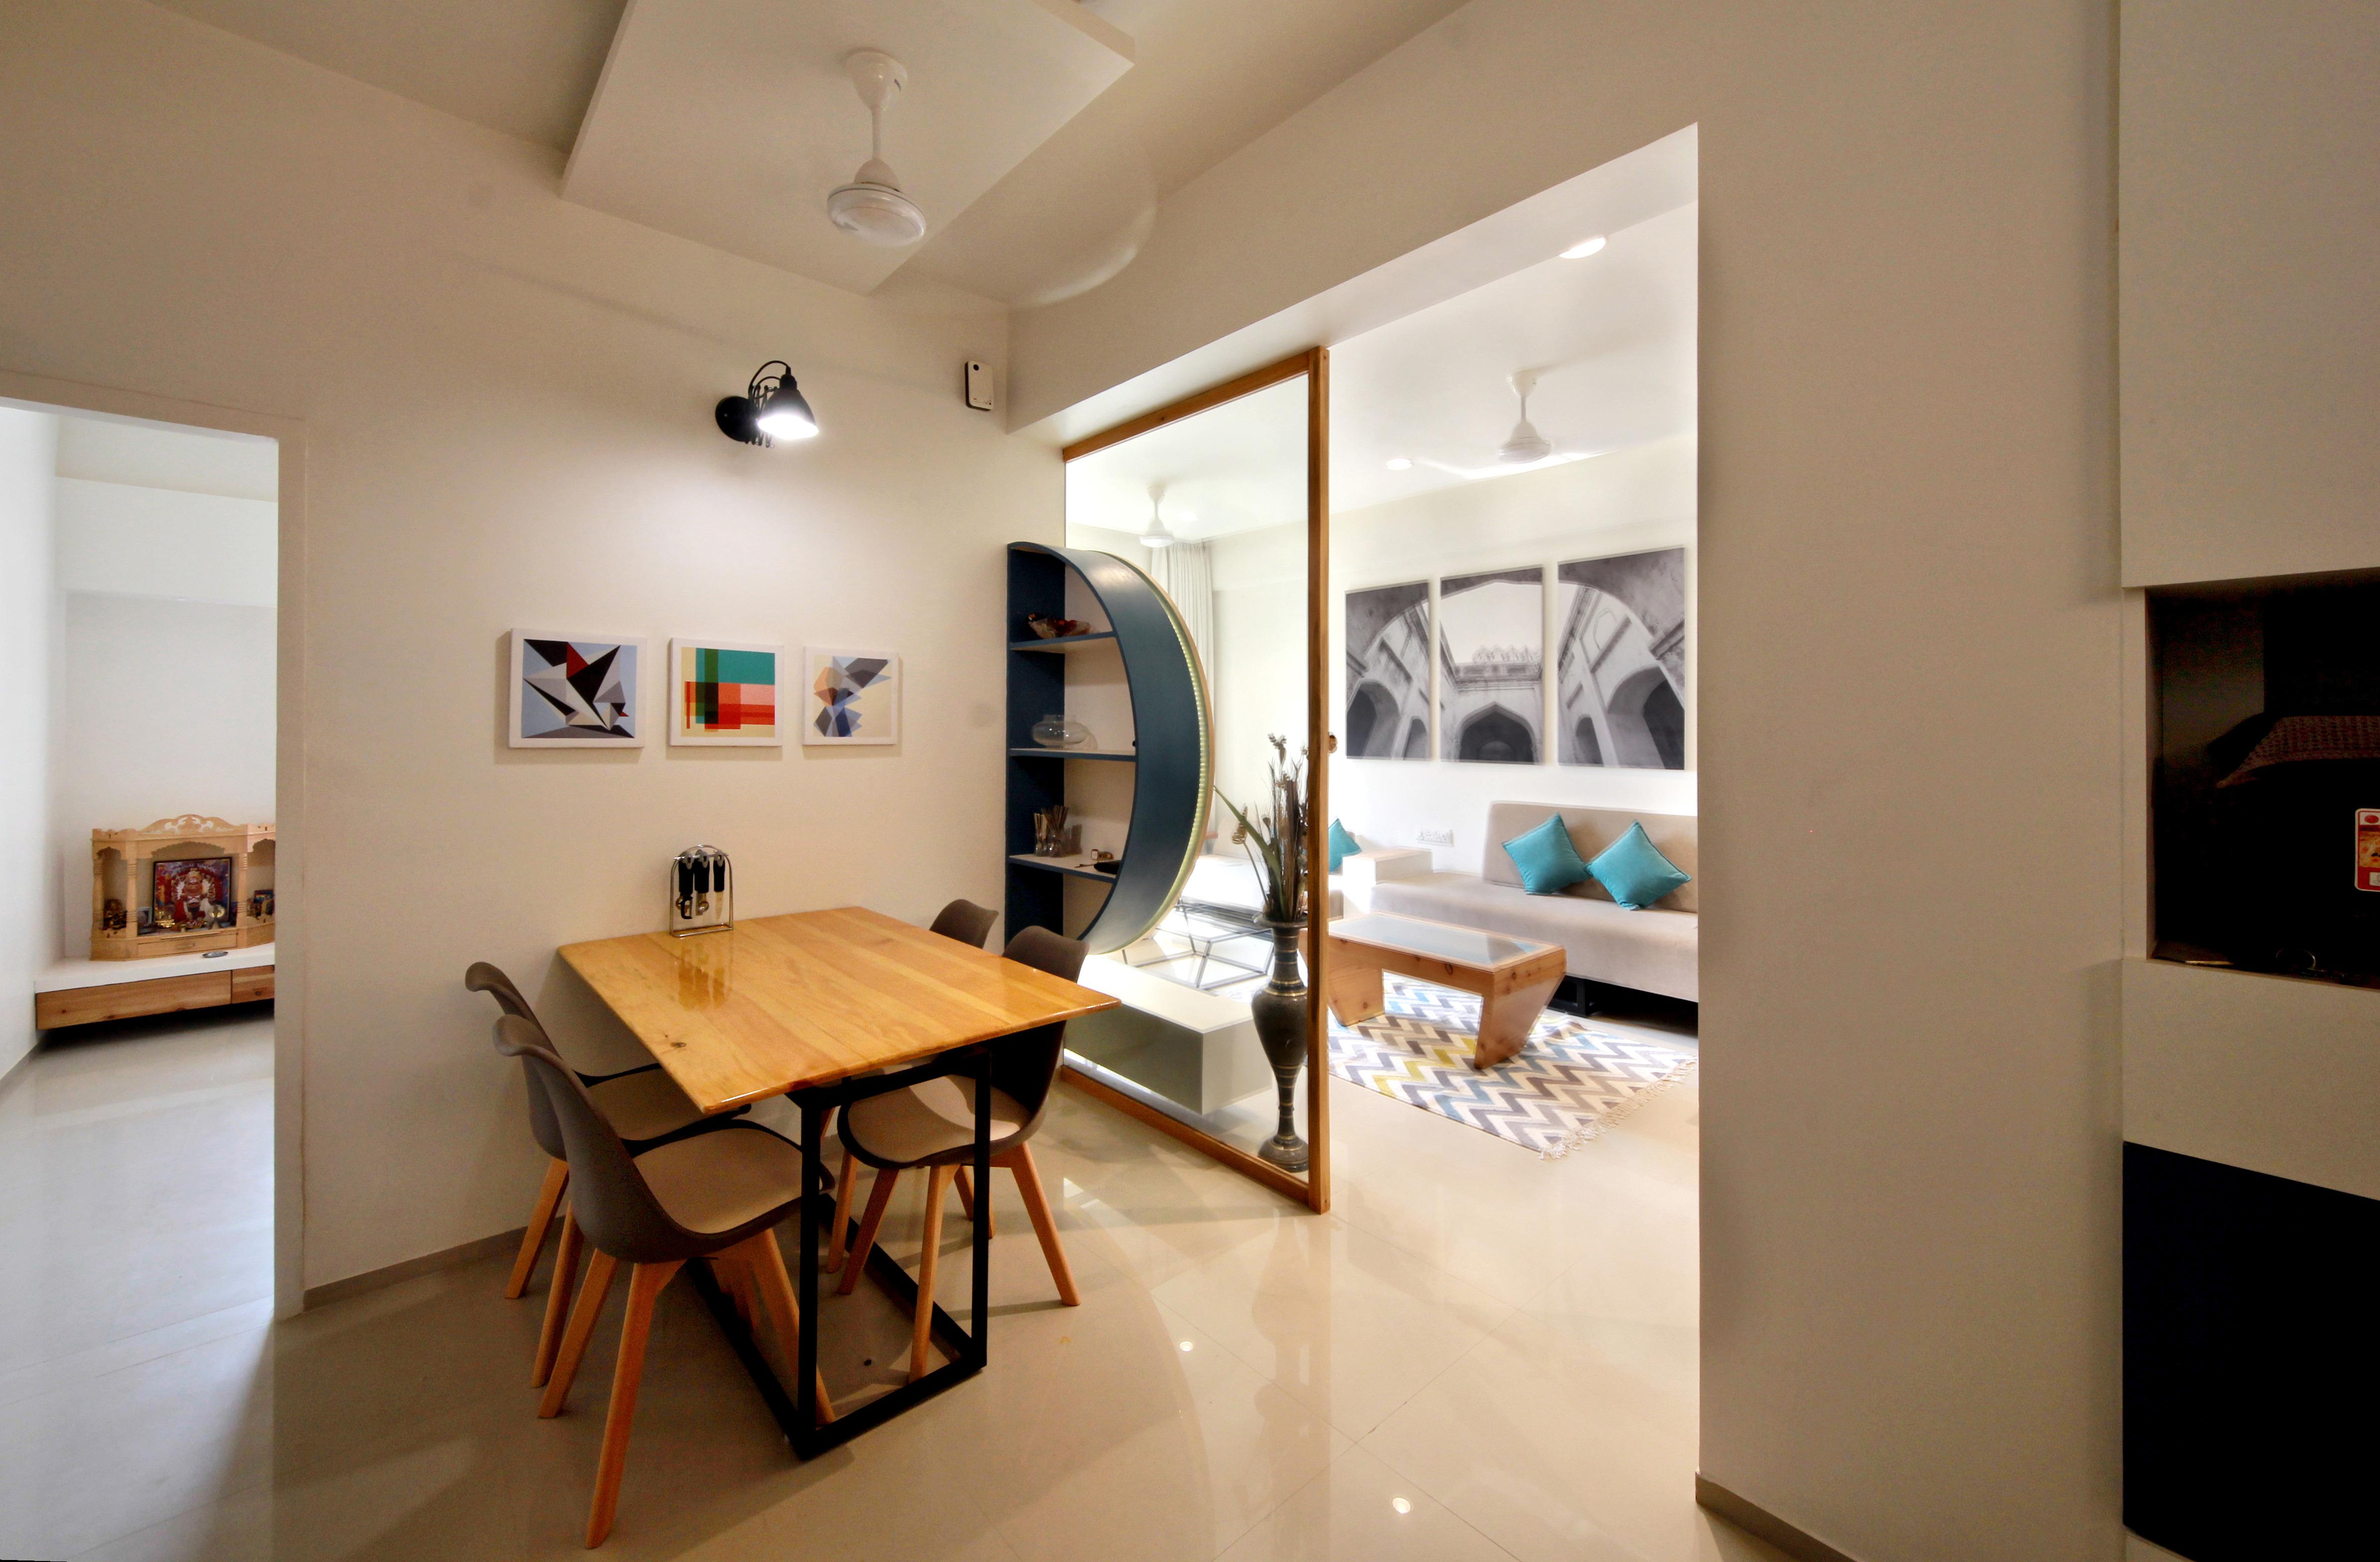 interior-1 (5)